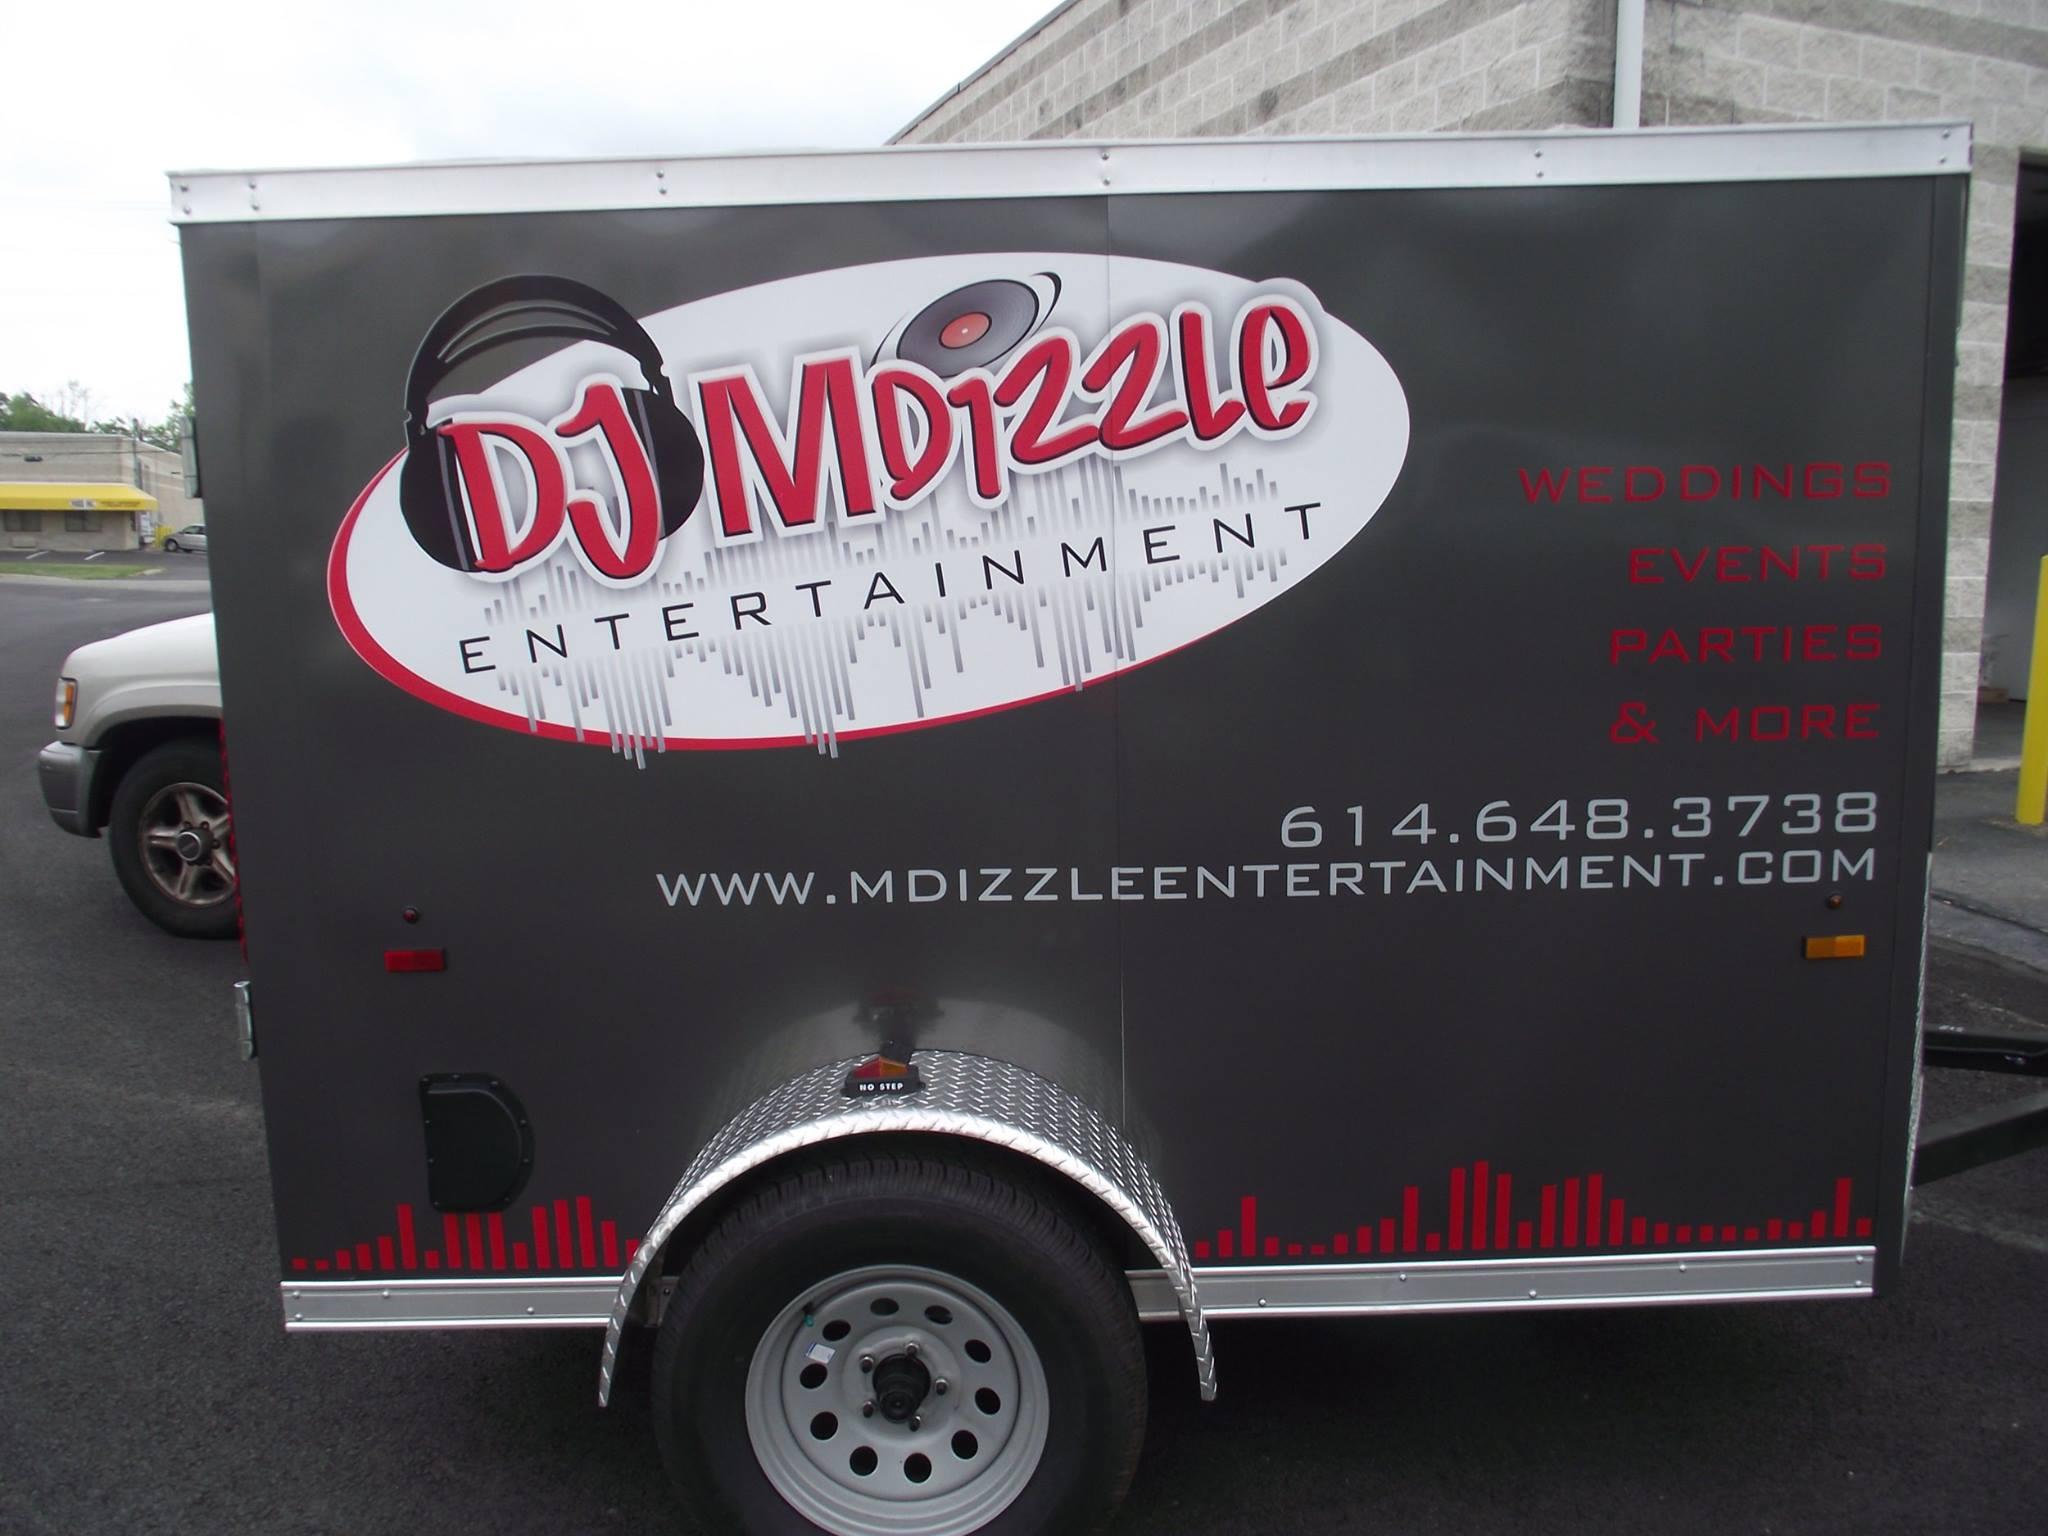 dj mdizzle